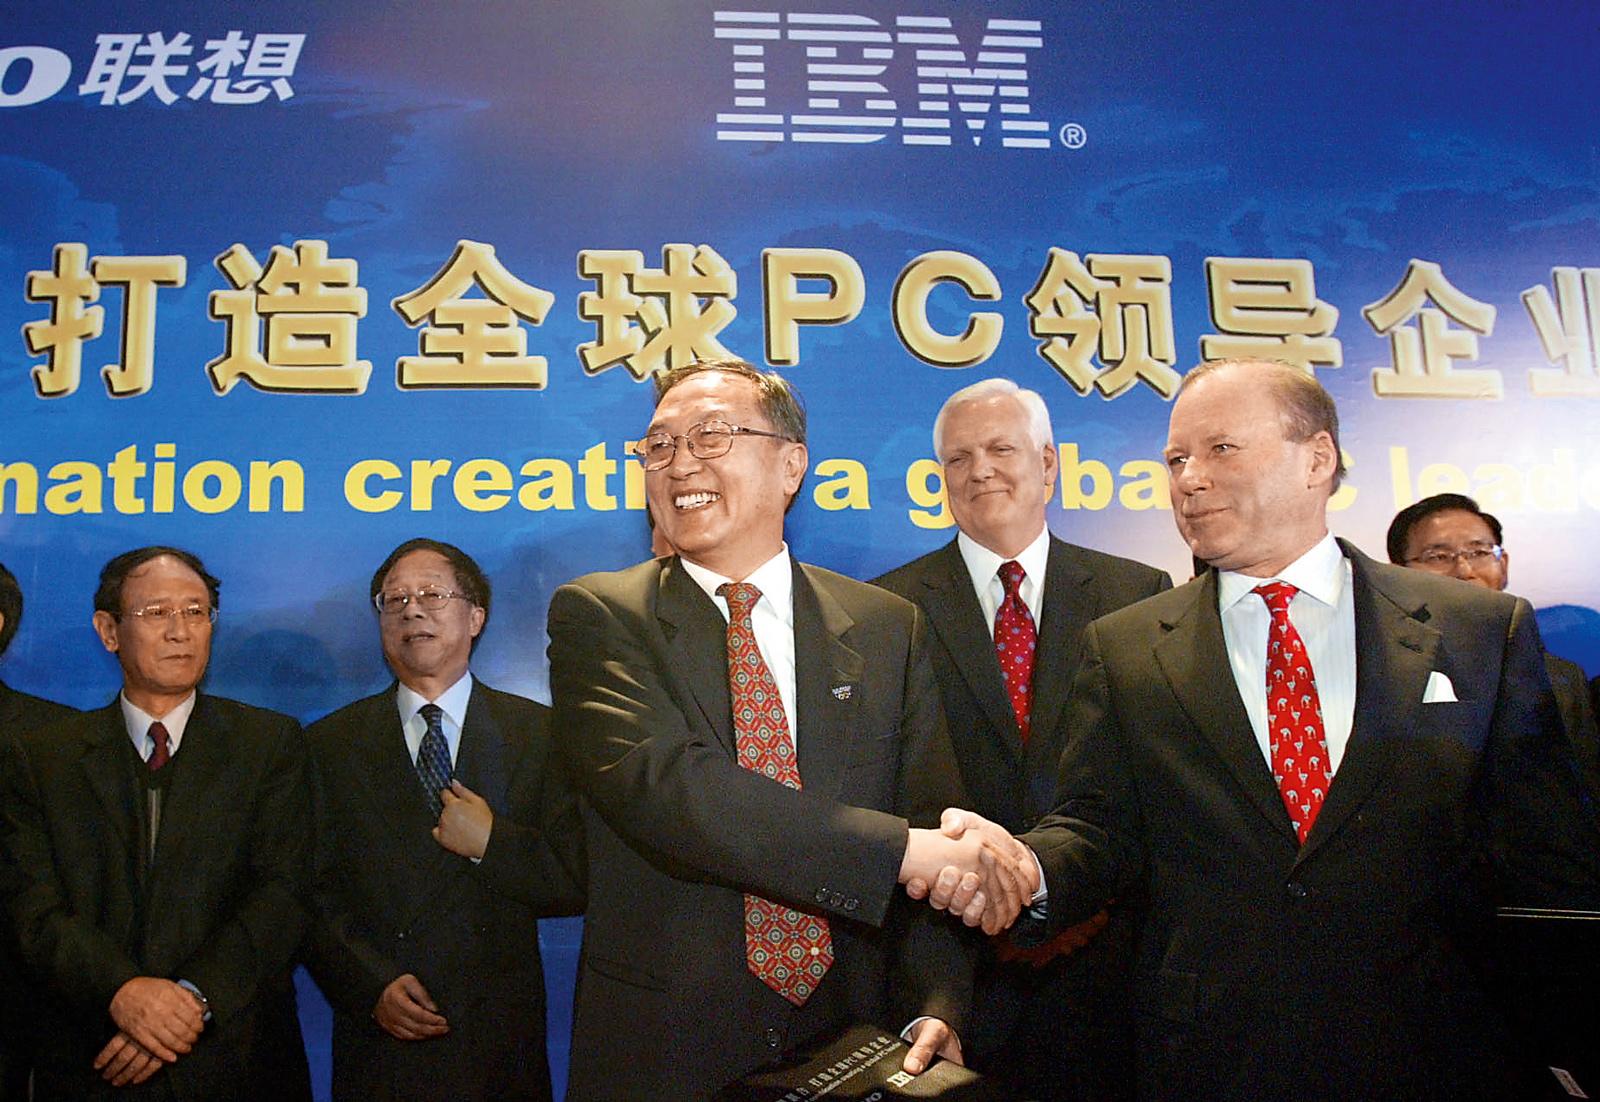 改革開放40年 企業家的故事 中國經濟的啟示-多維cn期刊-多維新聞網